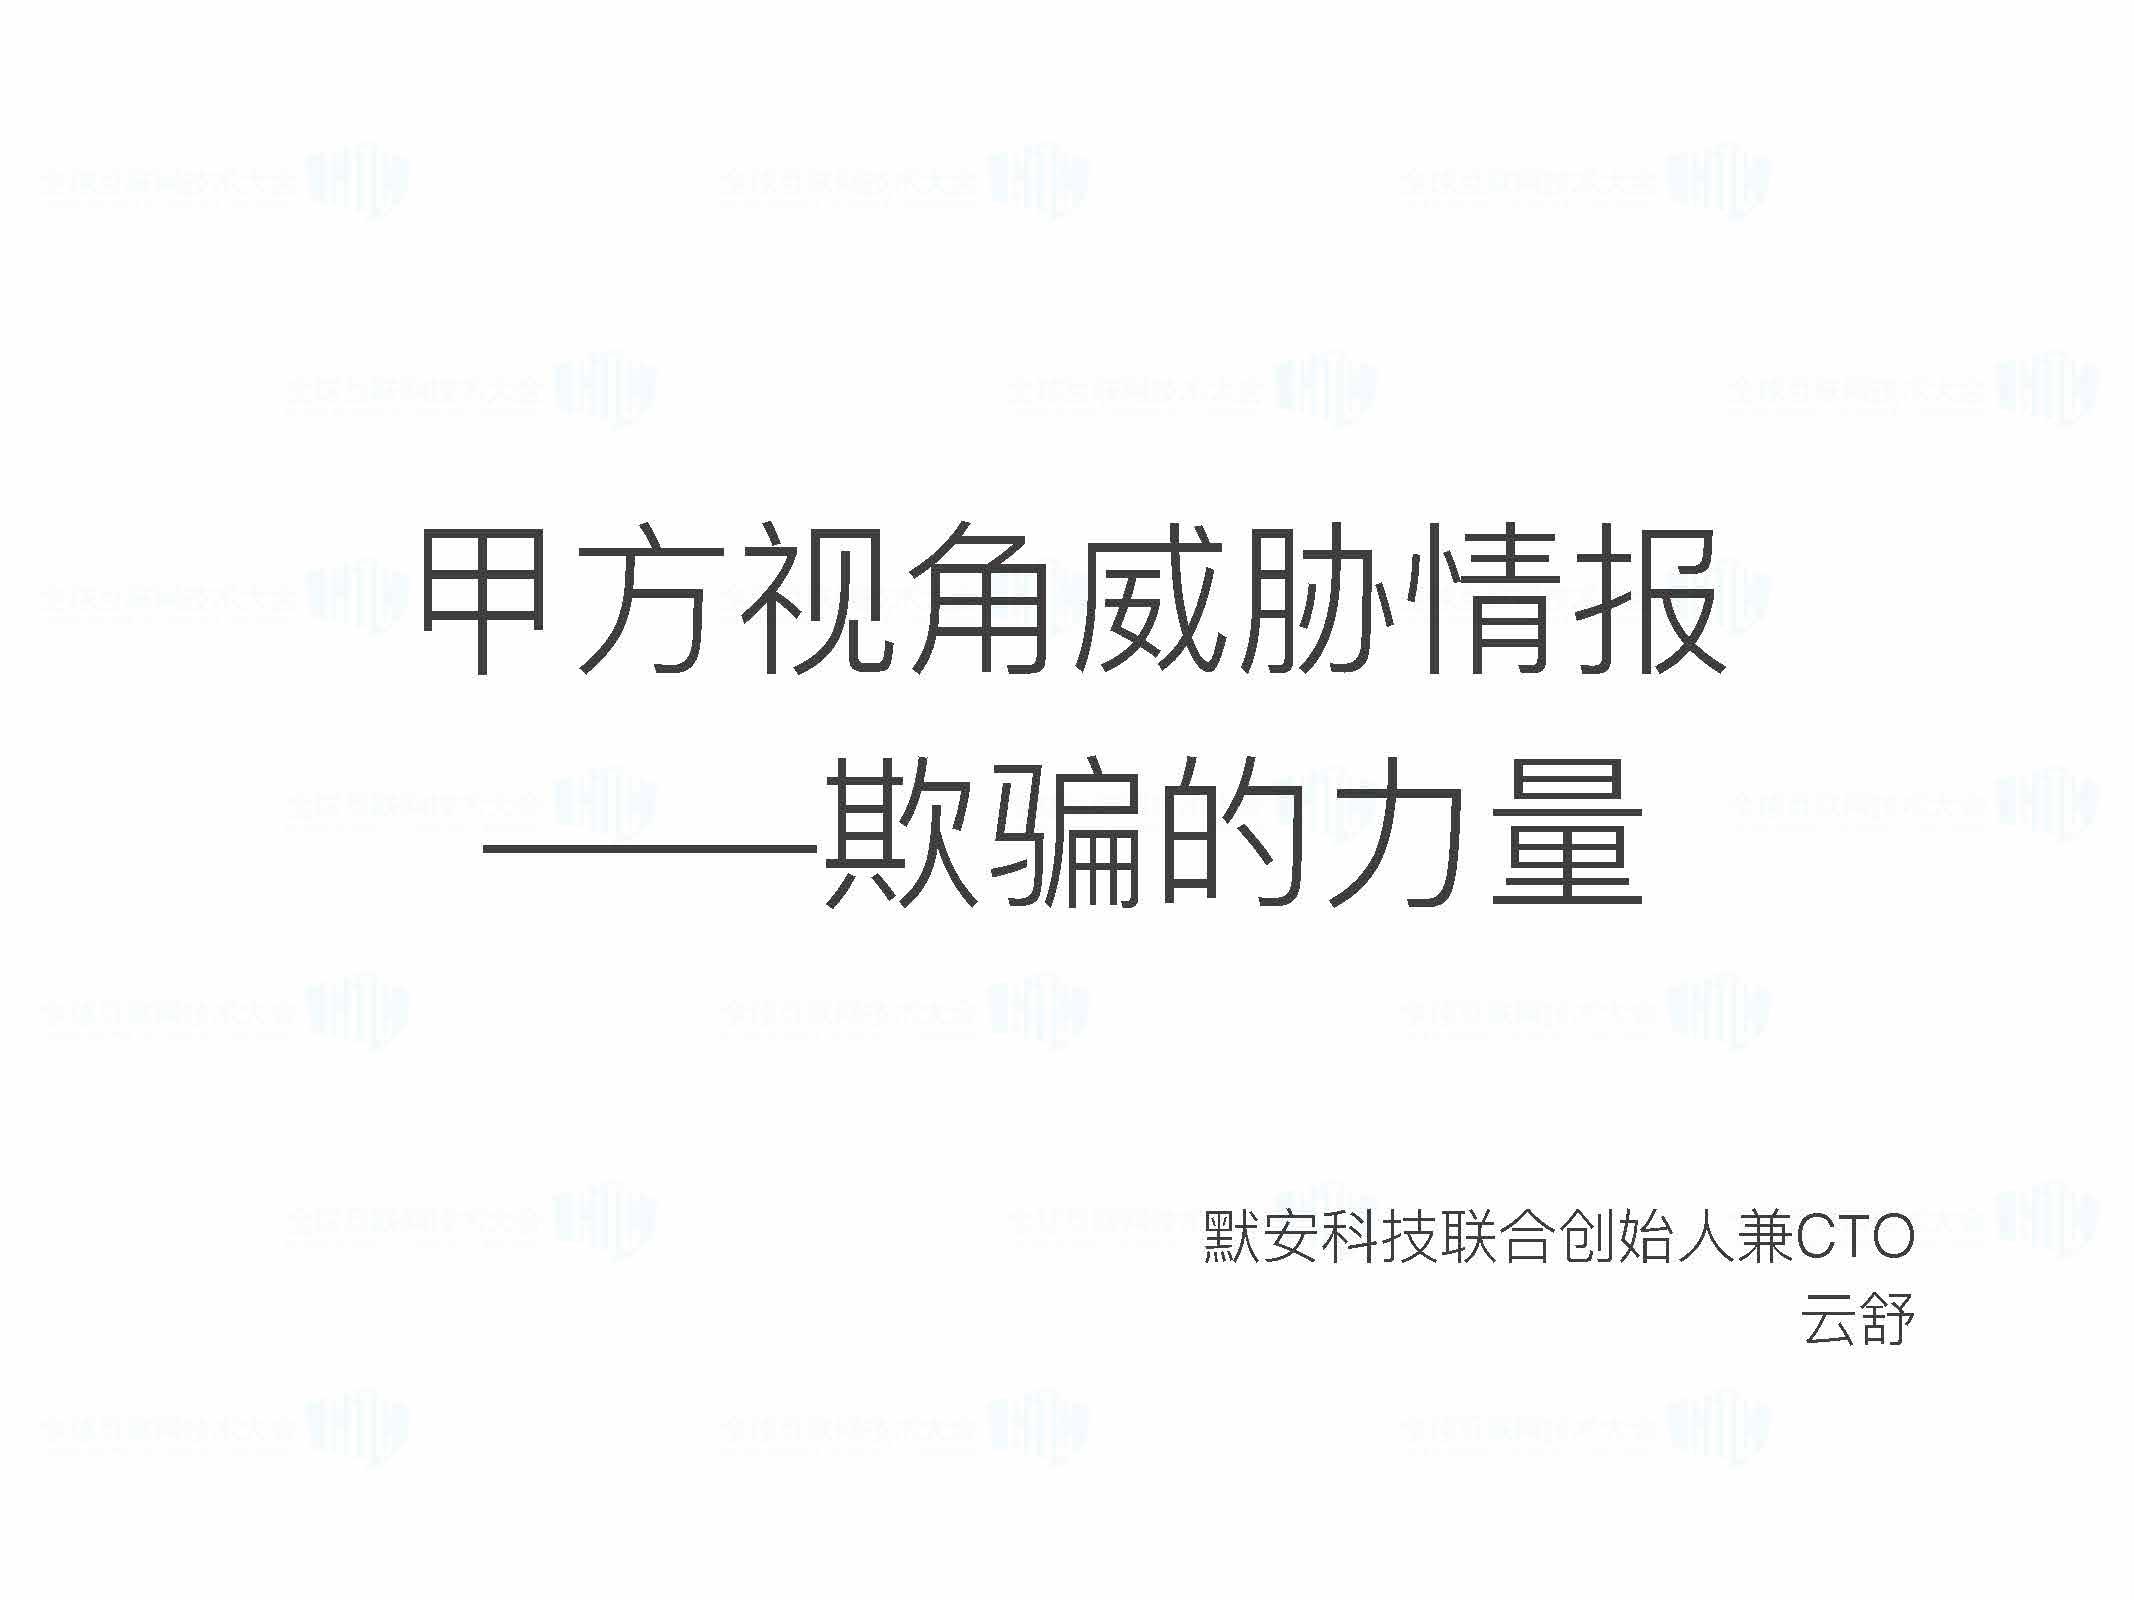 魏兴国-甲方视角威胁情报